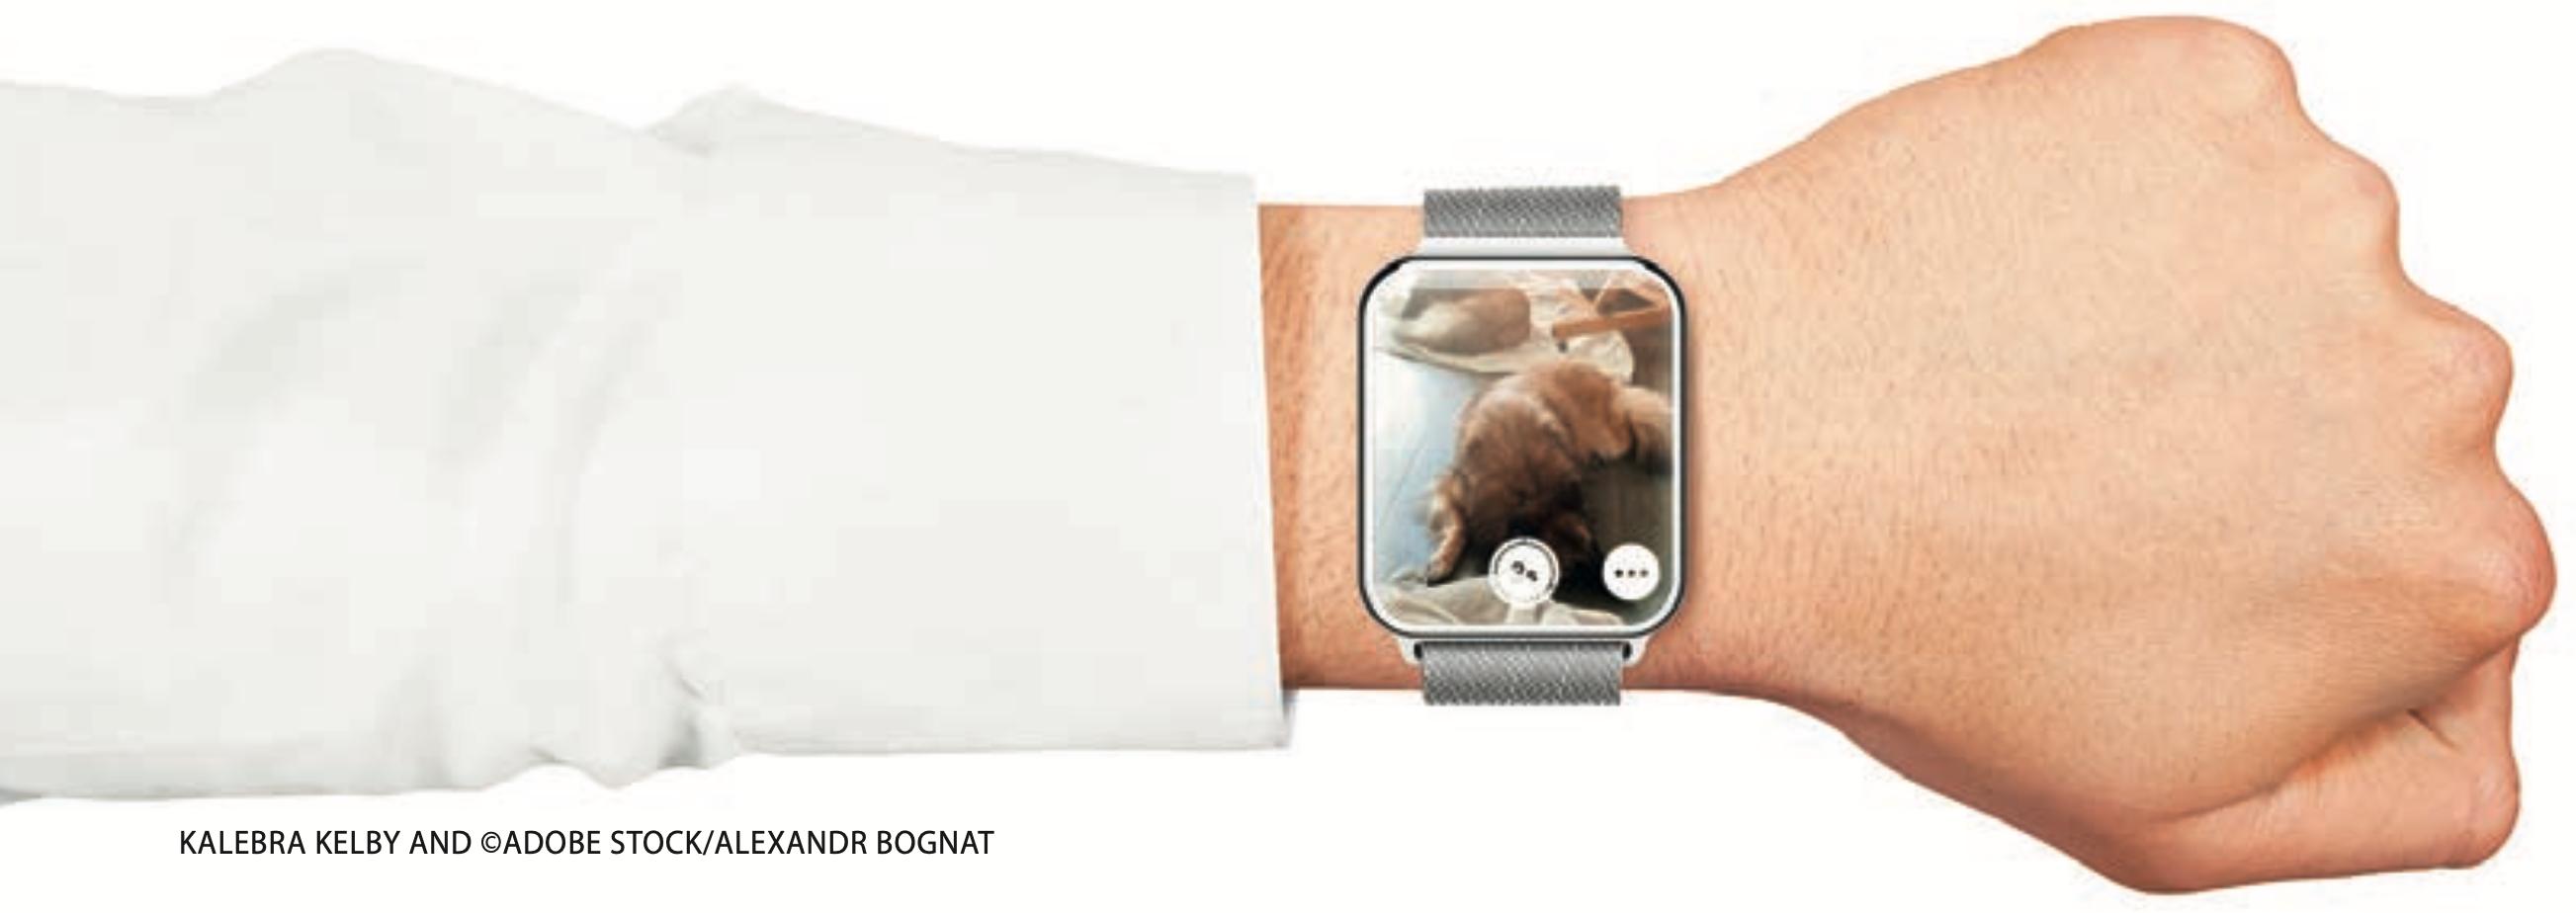 Fotografare con iPhone - come scattare foto a distanza con Apple Watch